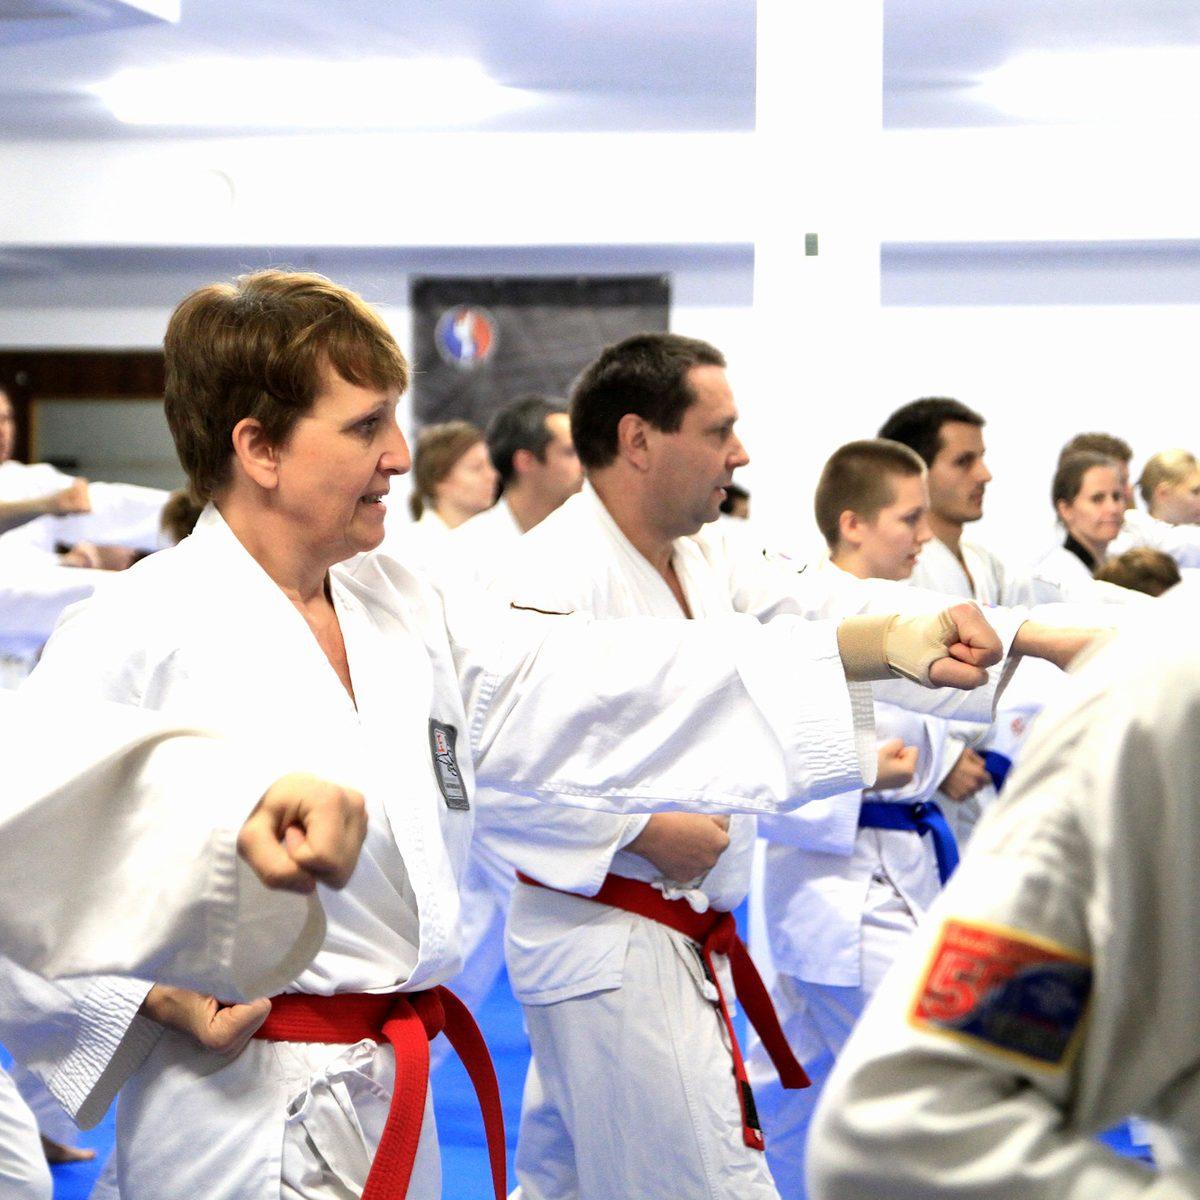 Effektives Kampfkunst- und Kampfsporttraining (Karate, Tae Kwon-Do und Kickboxen) in Weimar.